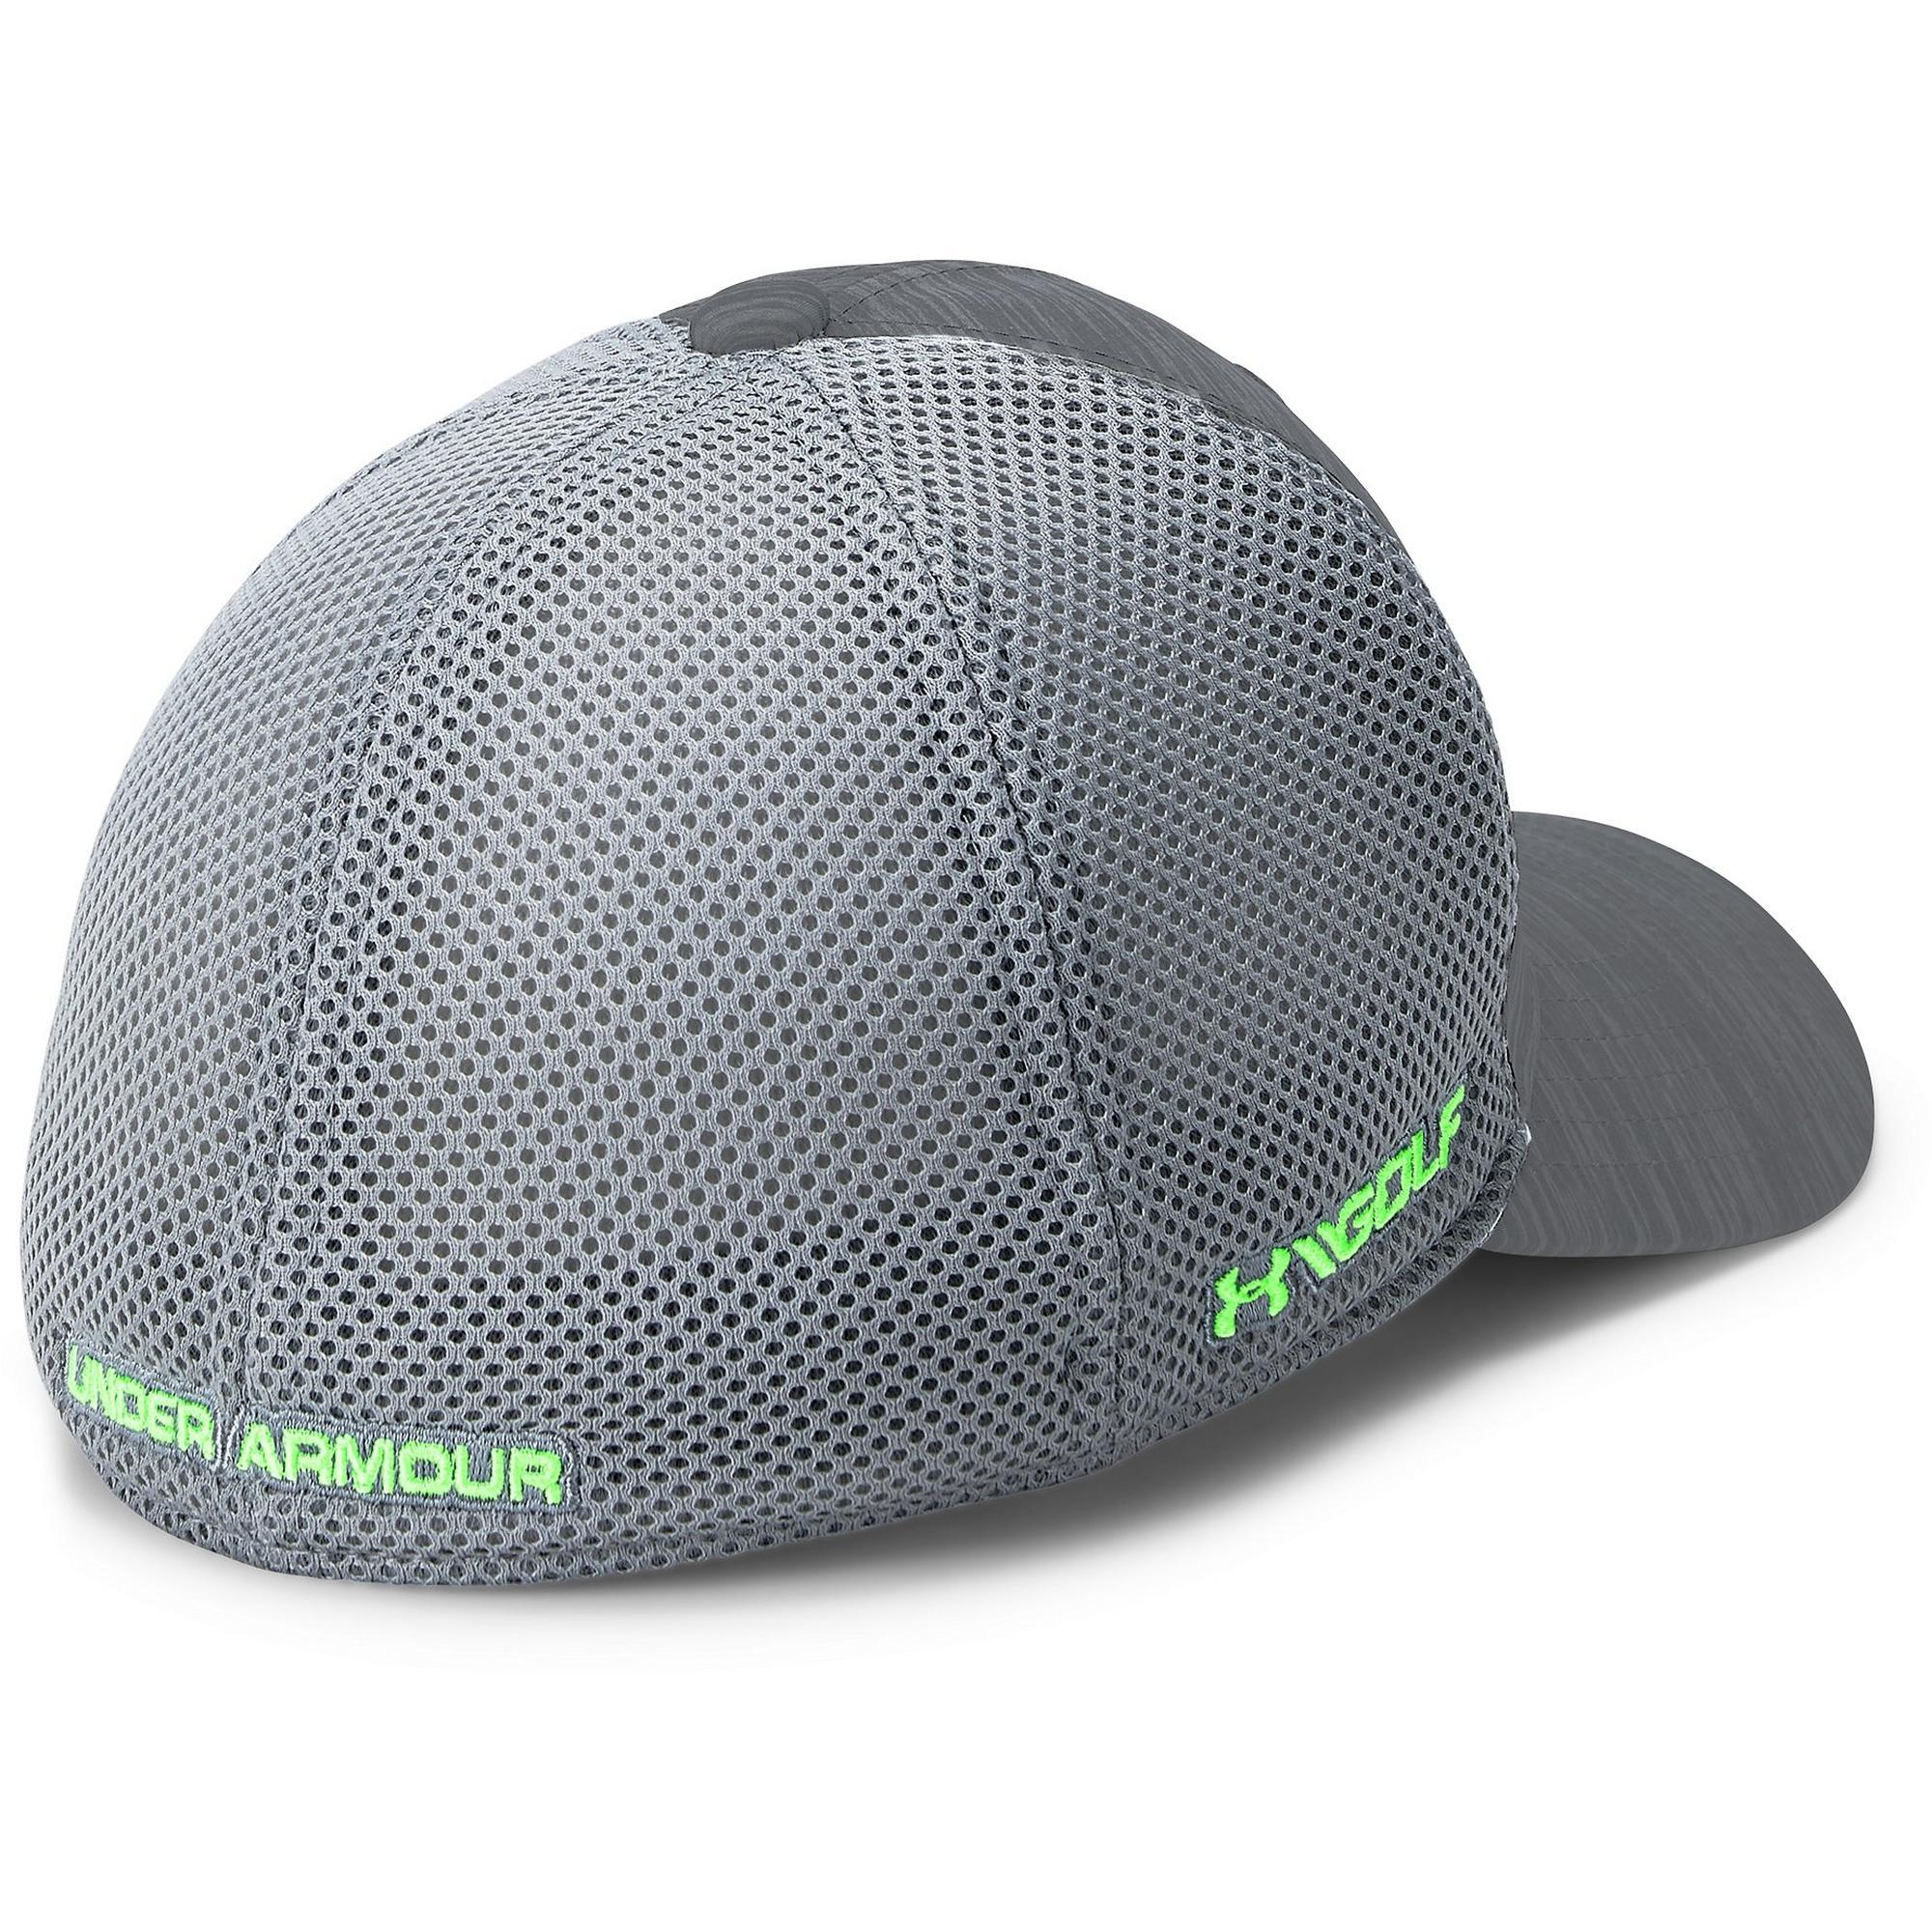 Junior Mesh 2 Cap